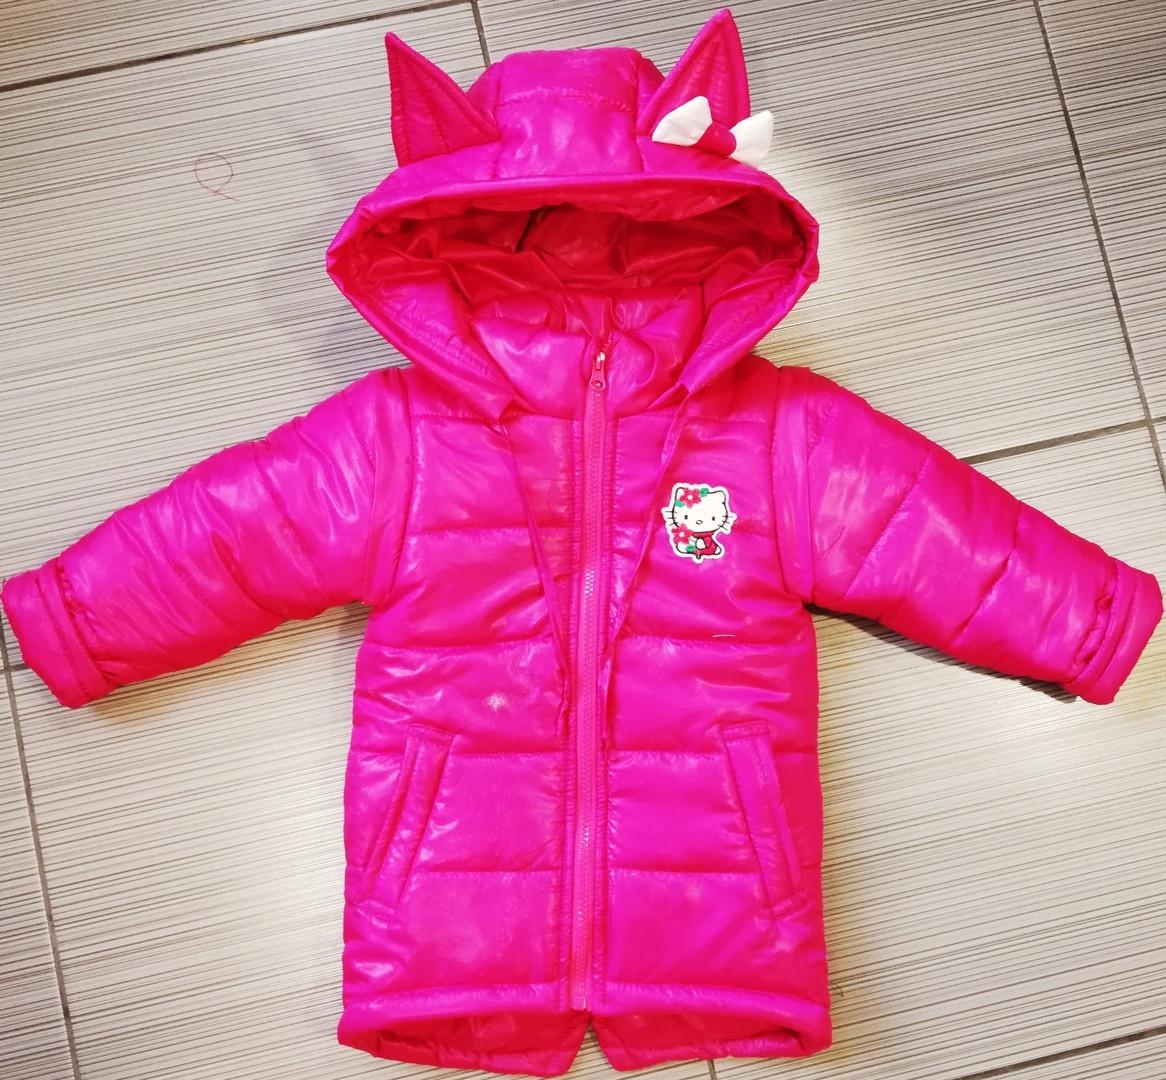 Демисезонная детская куртка с отстегными рукавами Китти для девочки